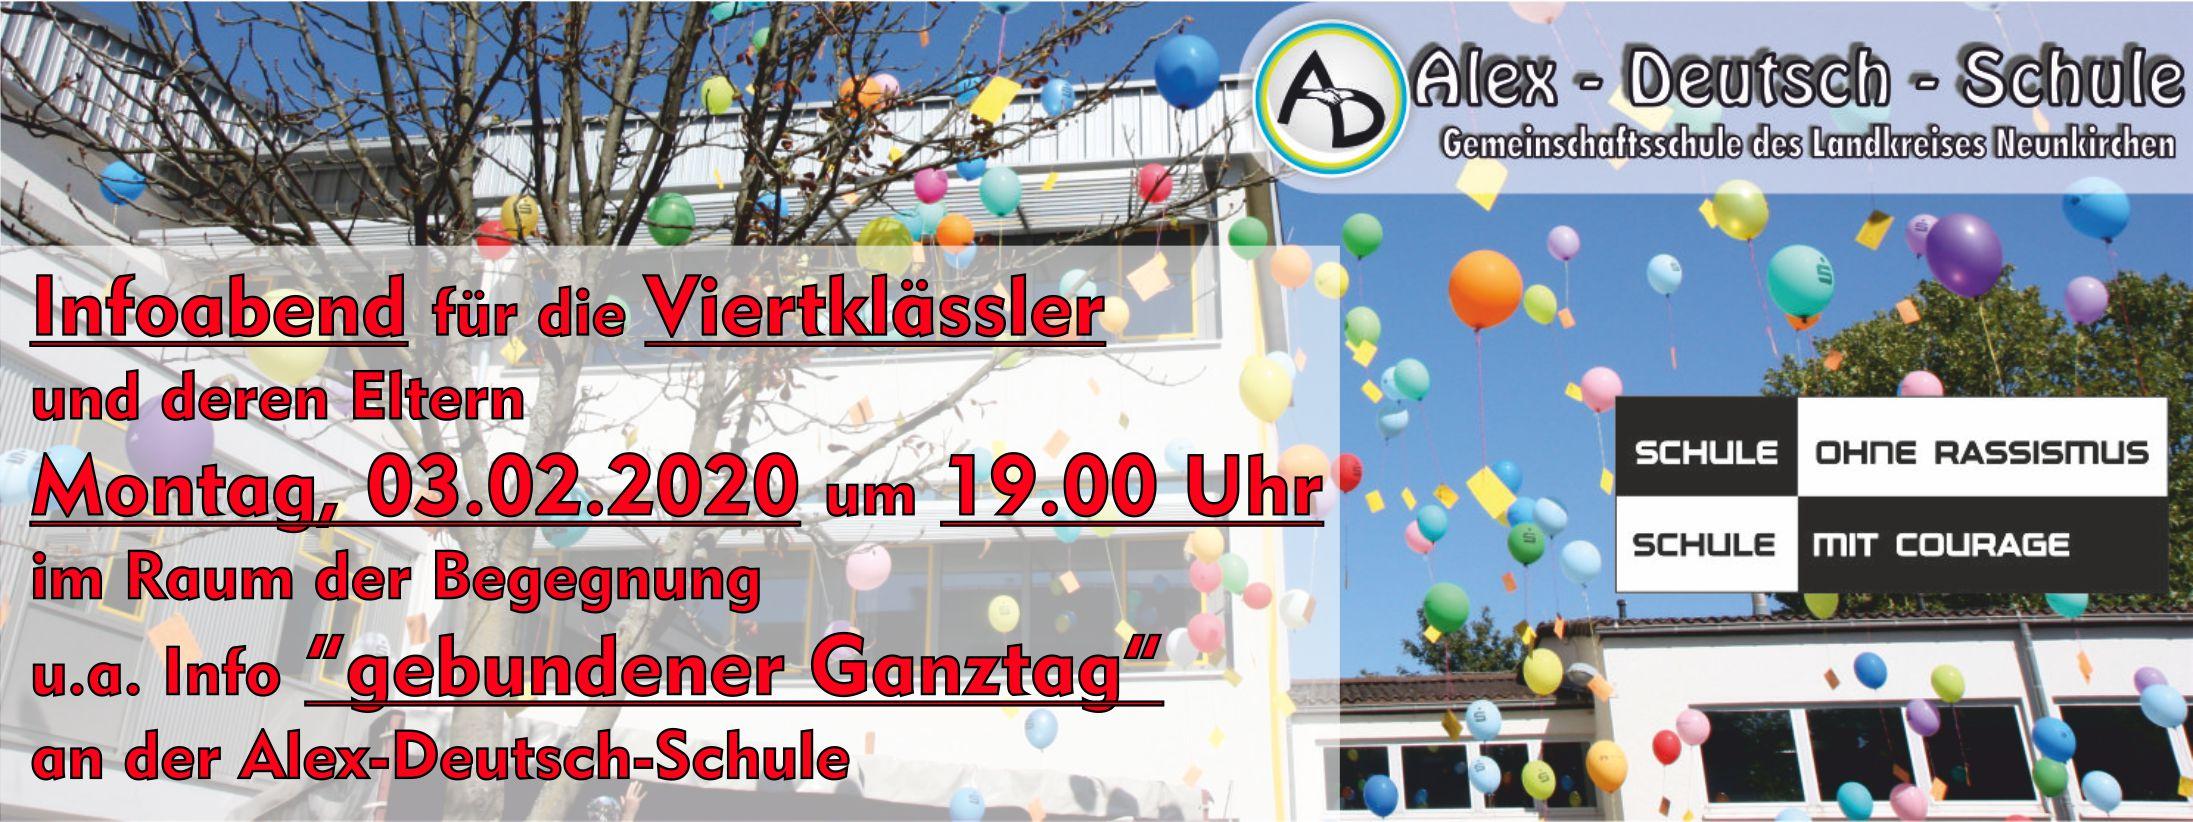 Alex-Deutsch-Ganztagsschule startet in die zweite Runde